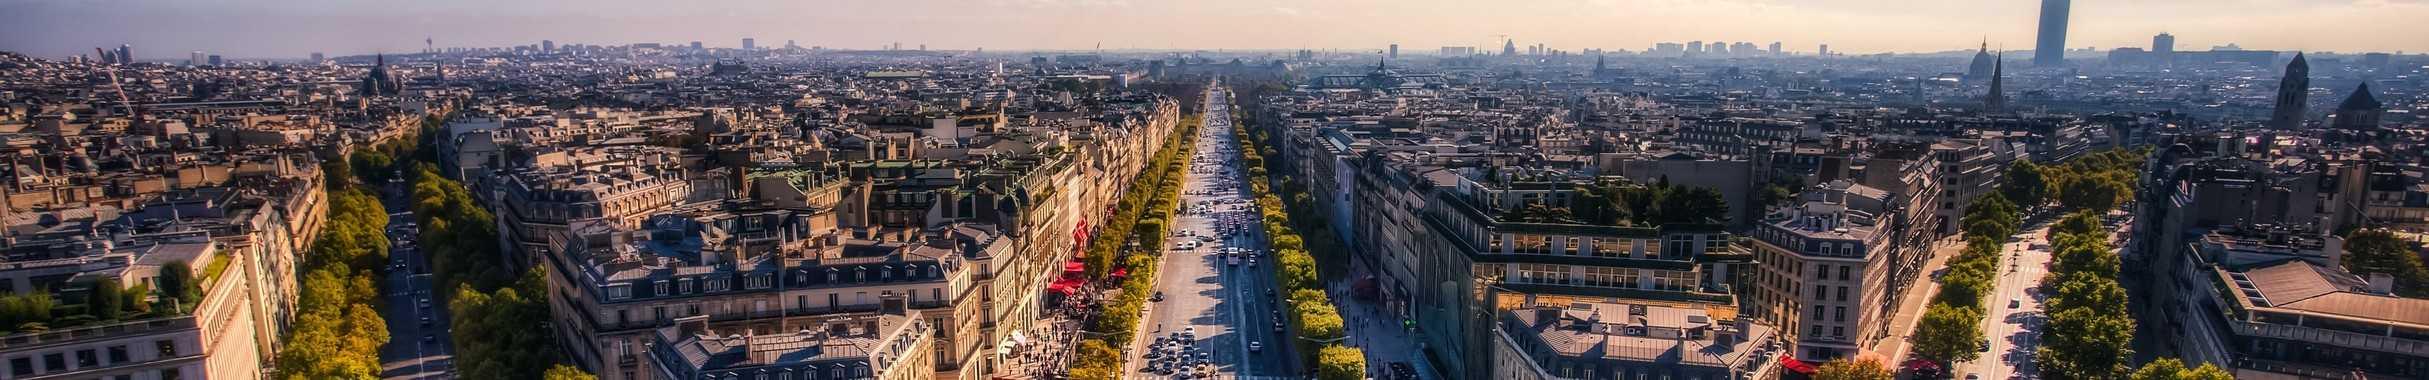 Vue panoramique des Champs-Elysées